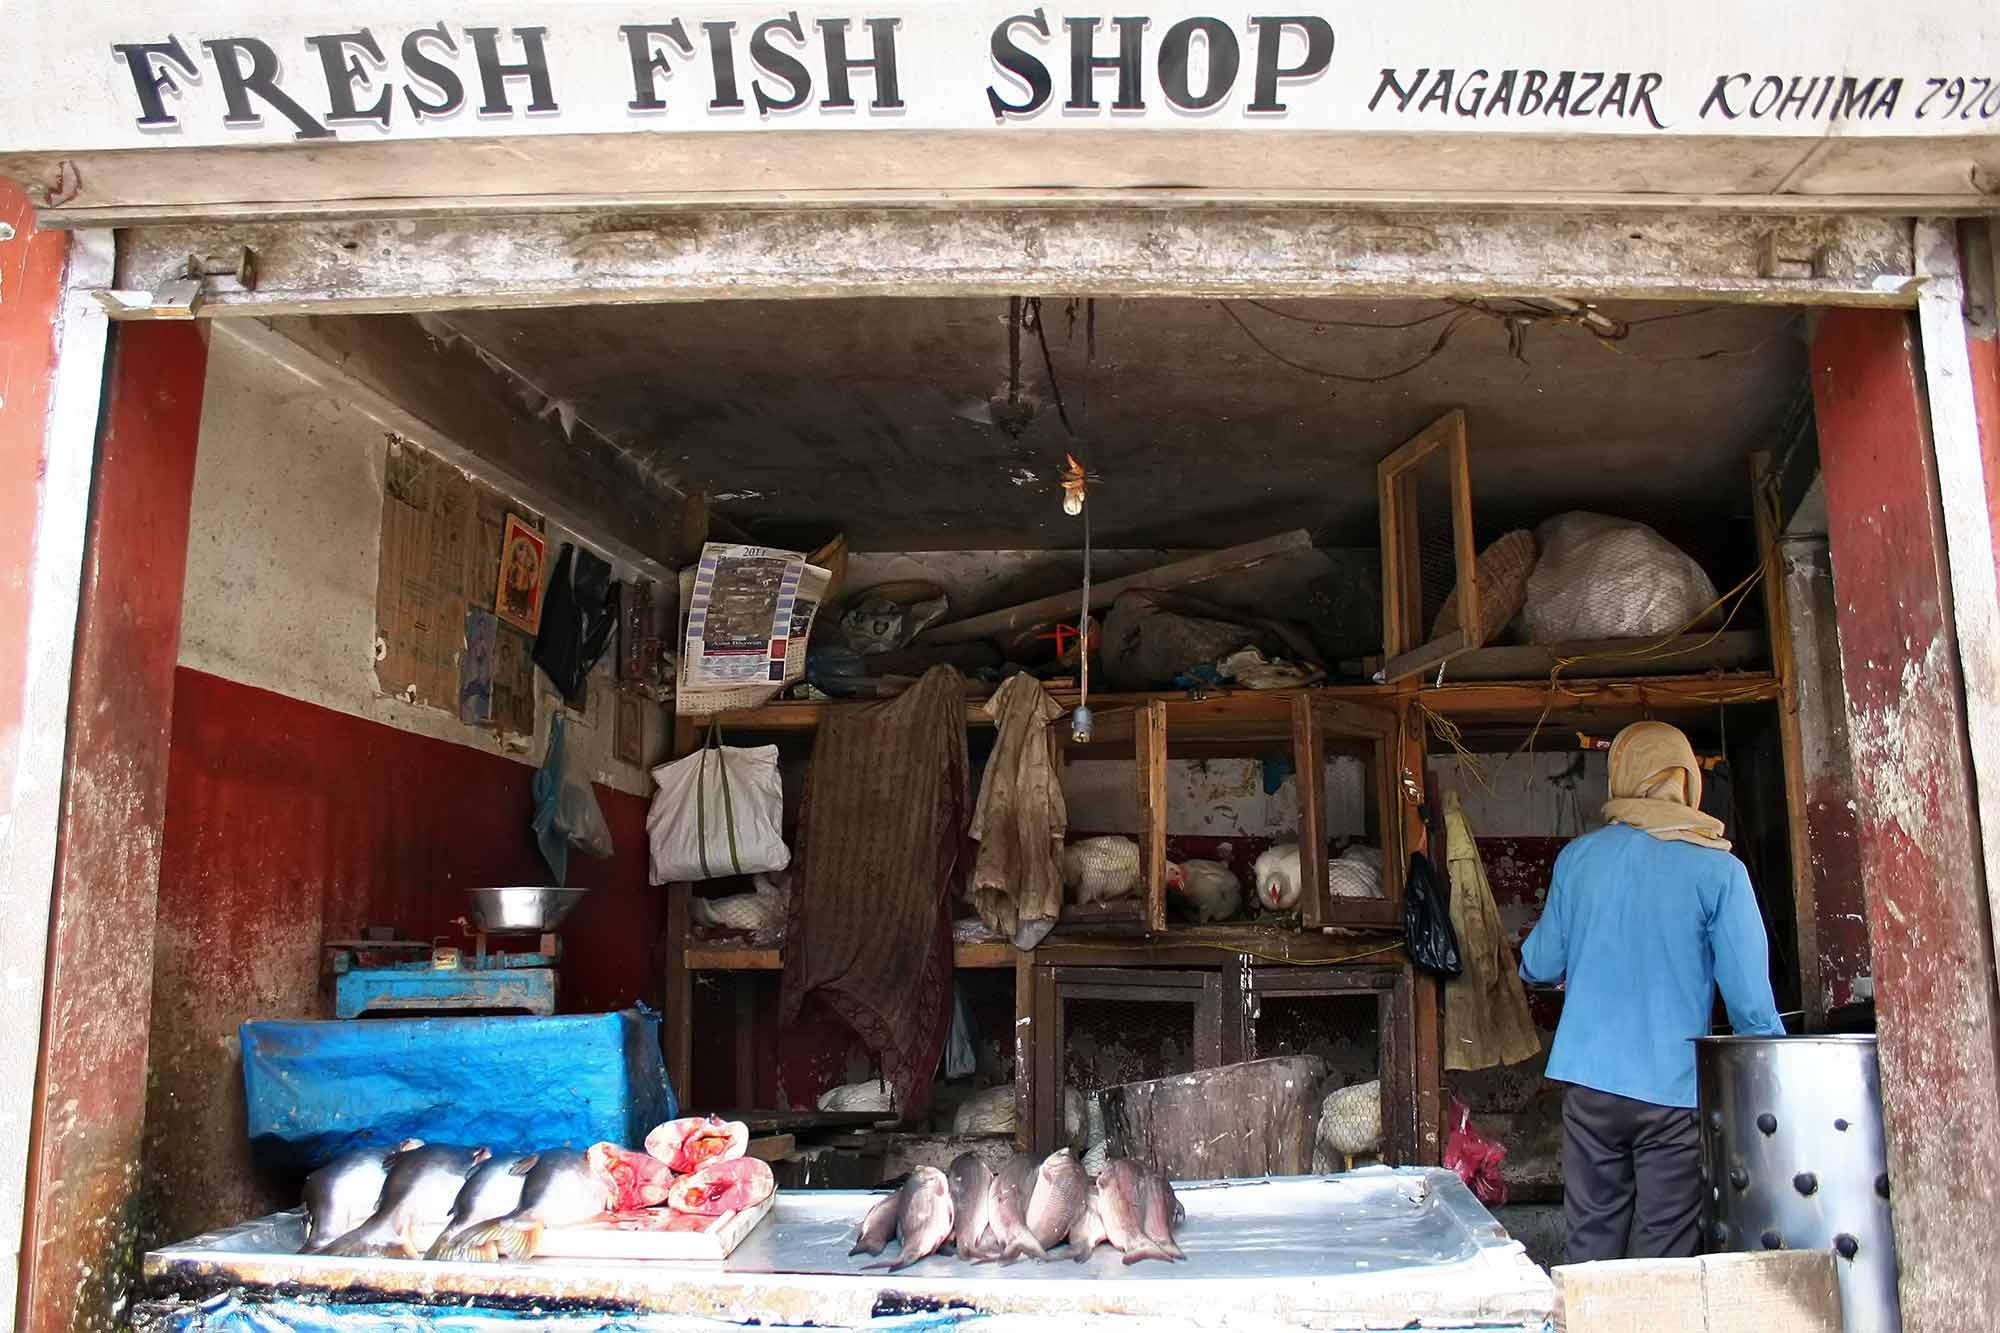 A fish shop in Kohima, Nagaland. © Ulli Maier & Nisa Maier